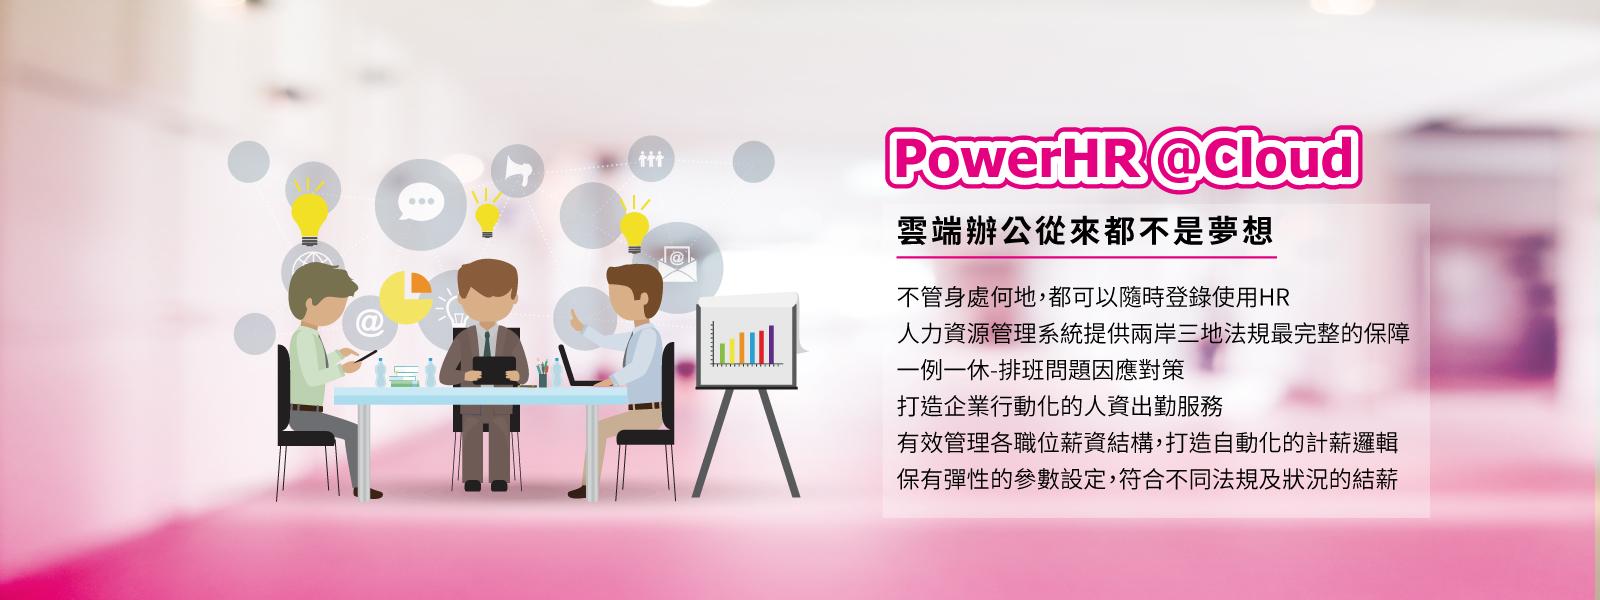 華研科技、華研雲端、雲端辦公、PowerHR、HR、ERP